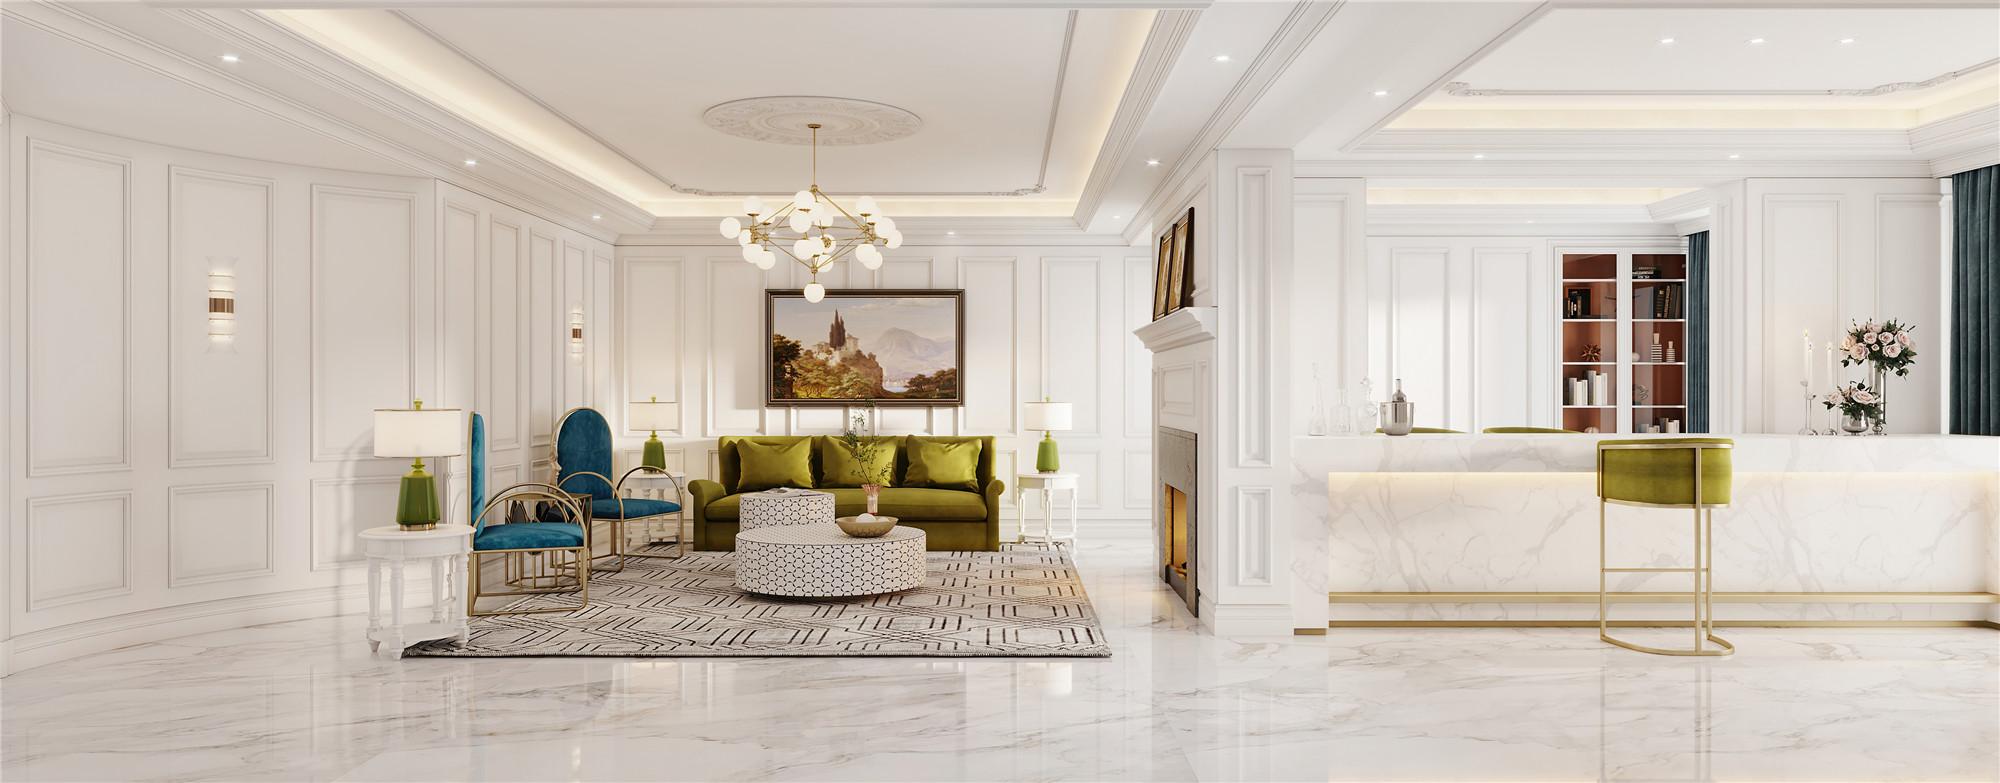 美式别墅设计